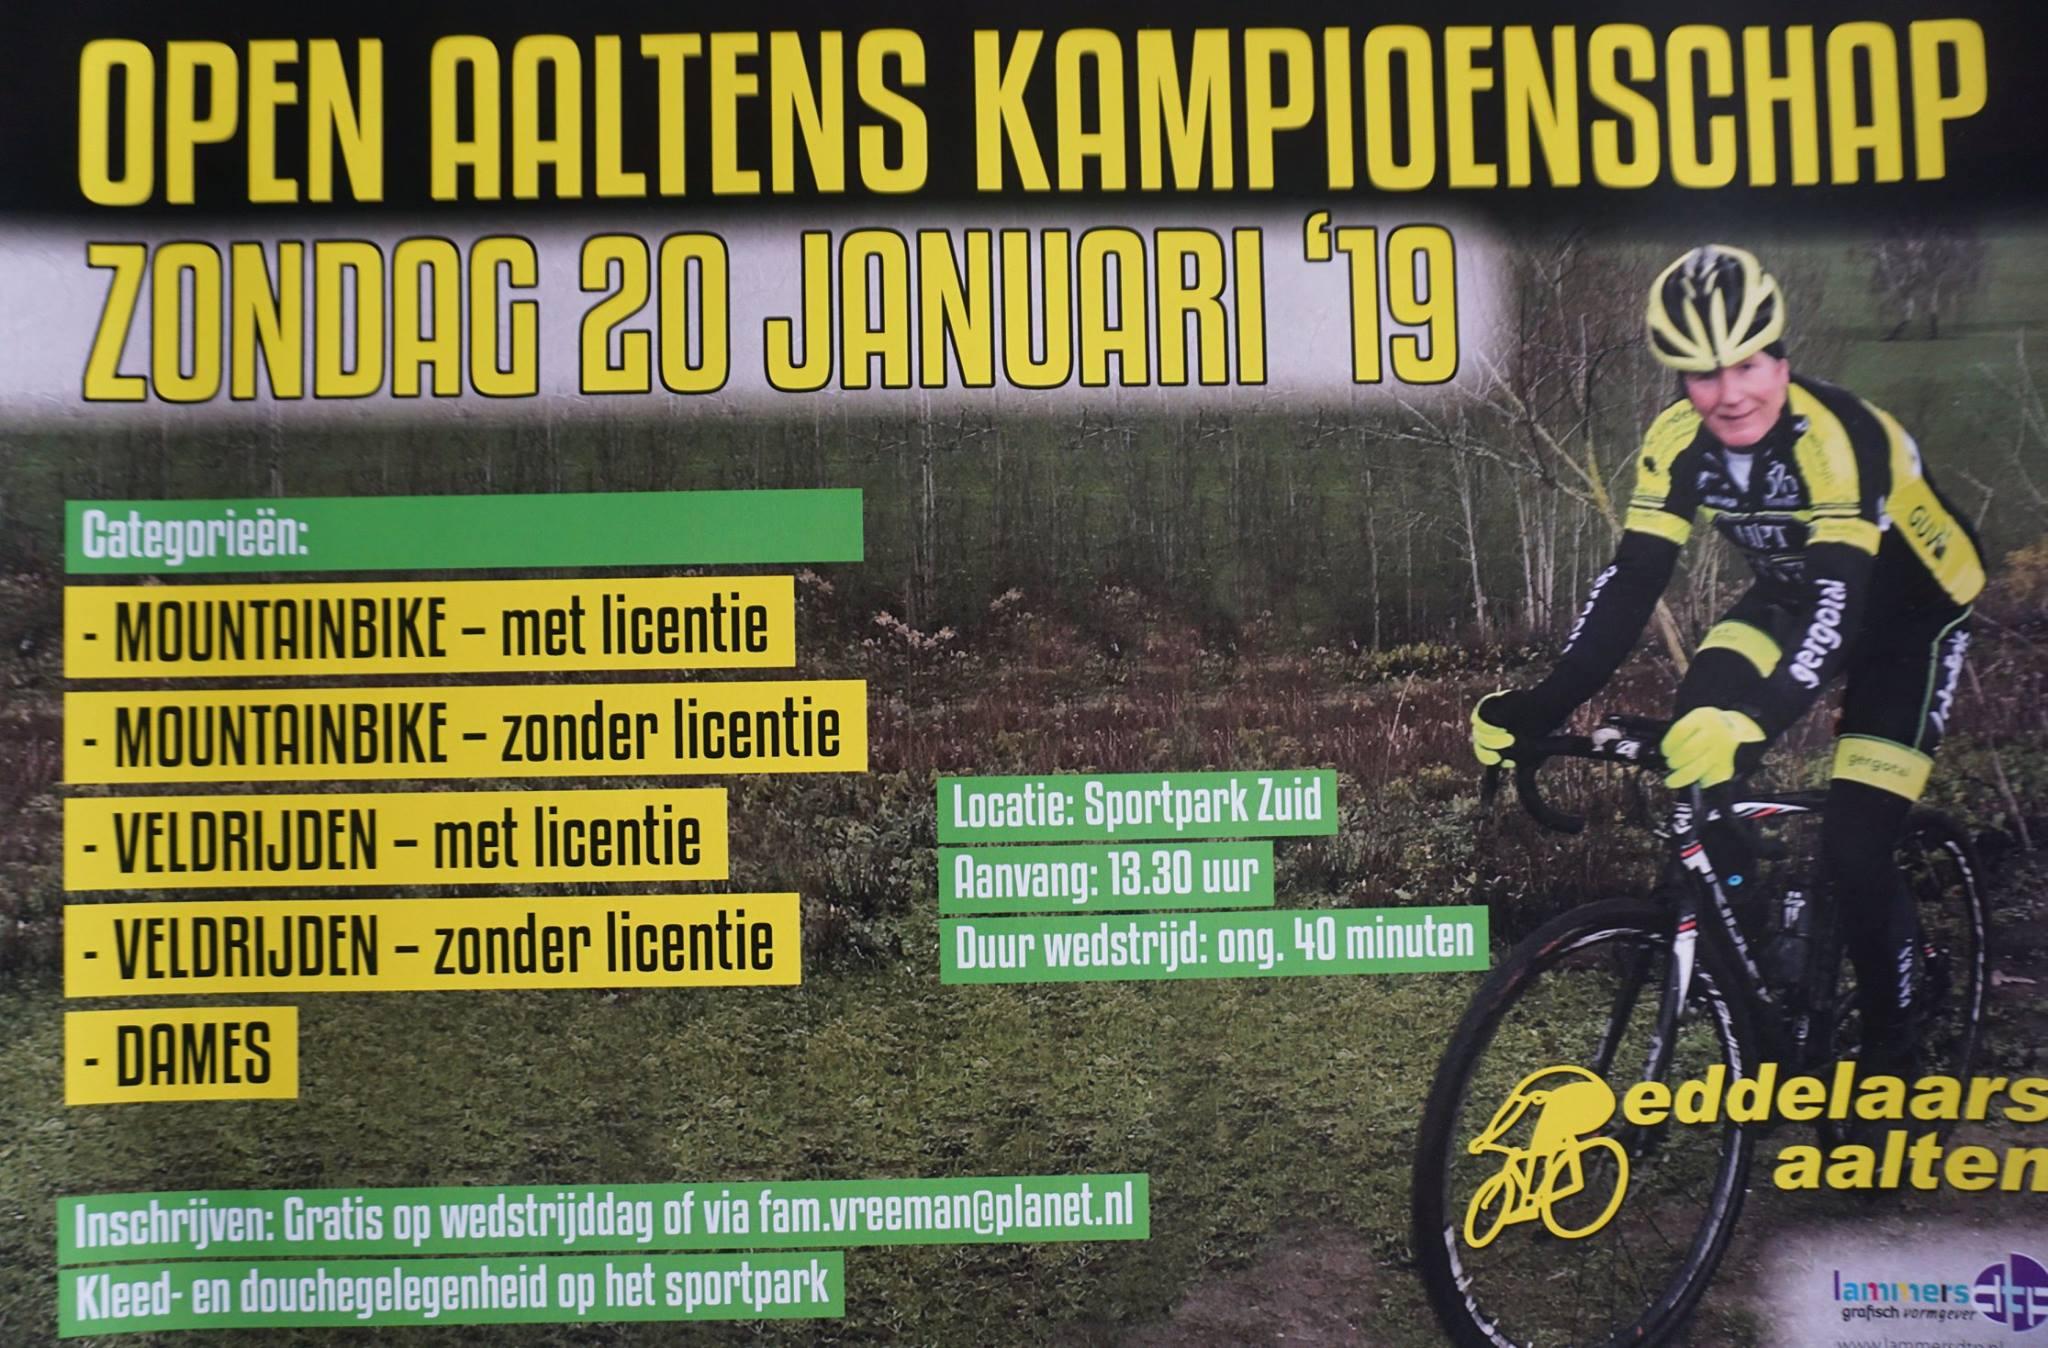 Open Aaltens Kampioenschap Veldrijden